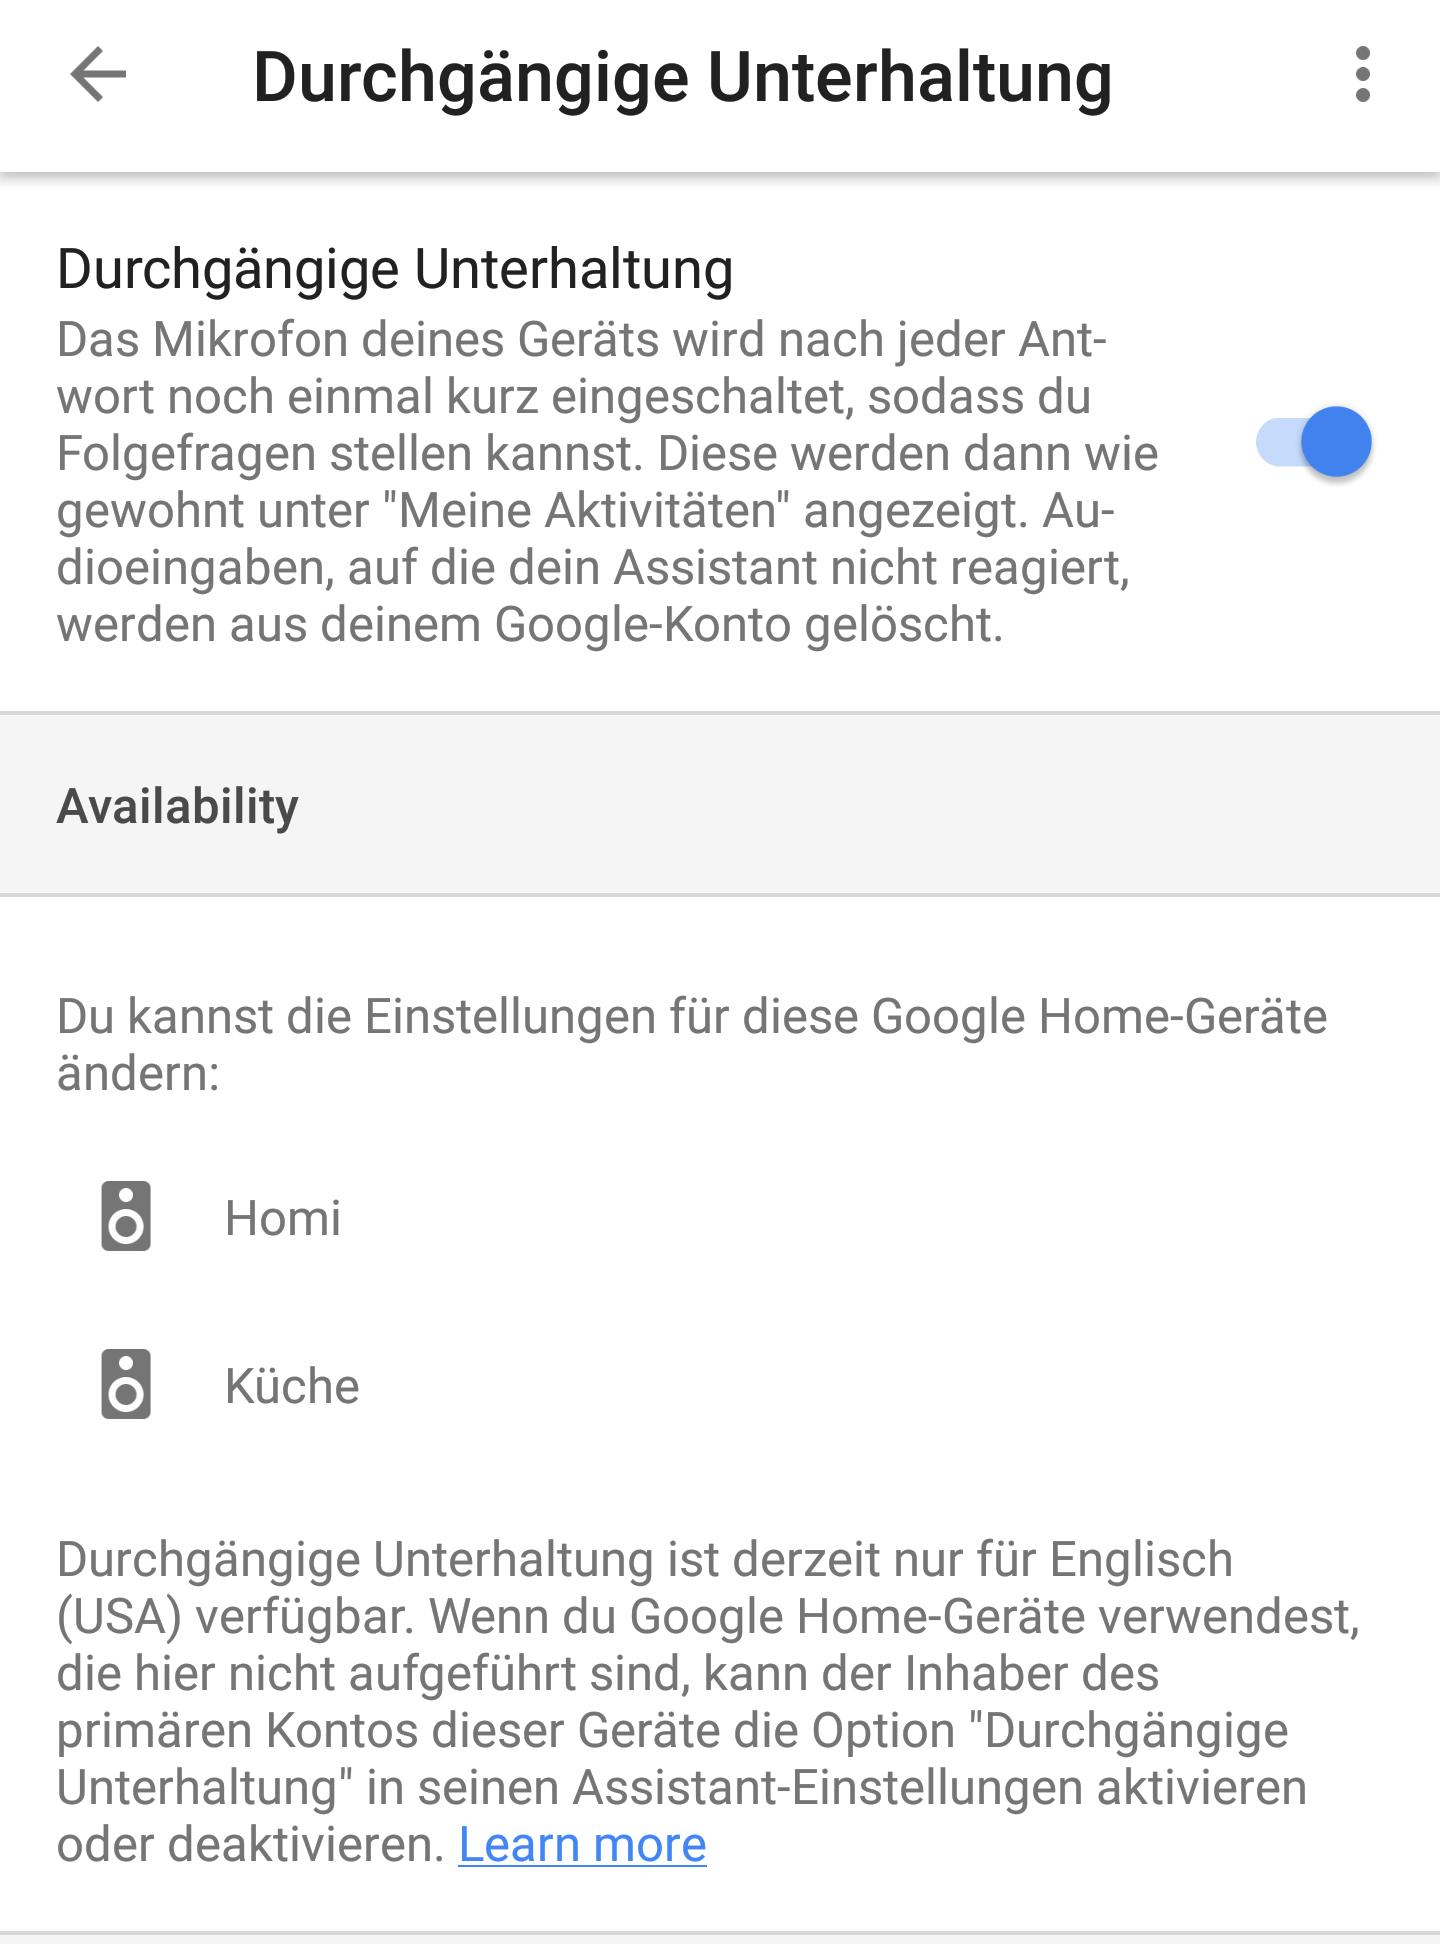 Durchgängige Unterhaltung auf Google Home